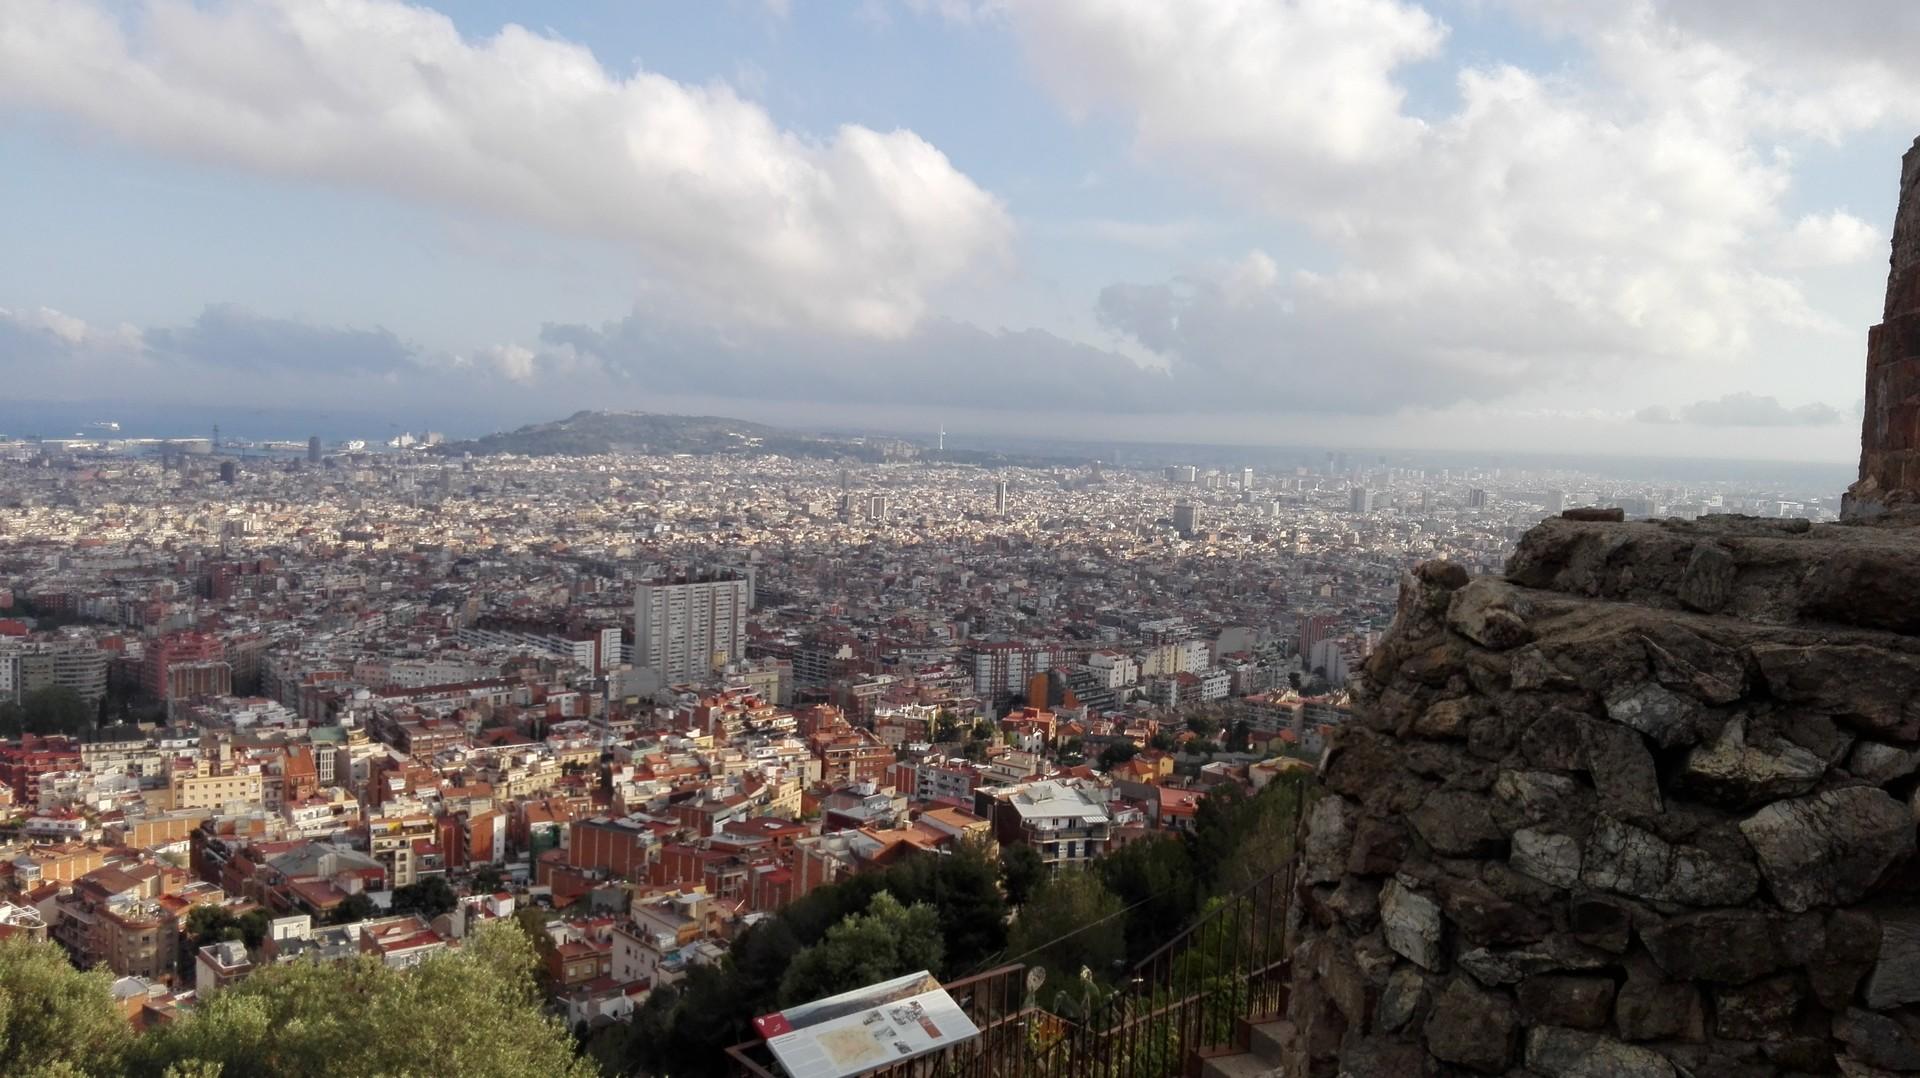 viewpoint-view-6d4c8d058dc908360312de1f9